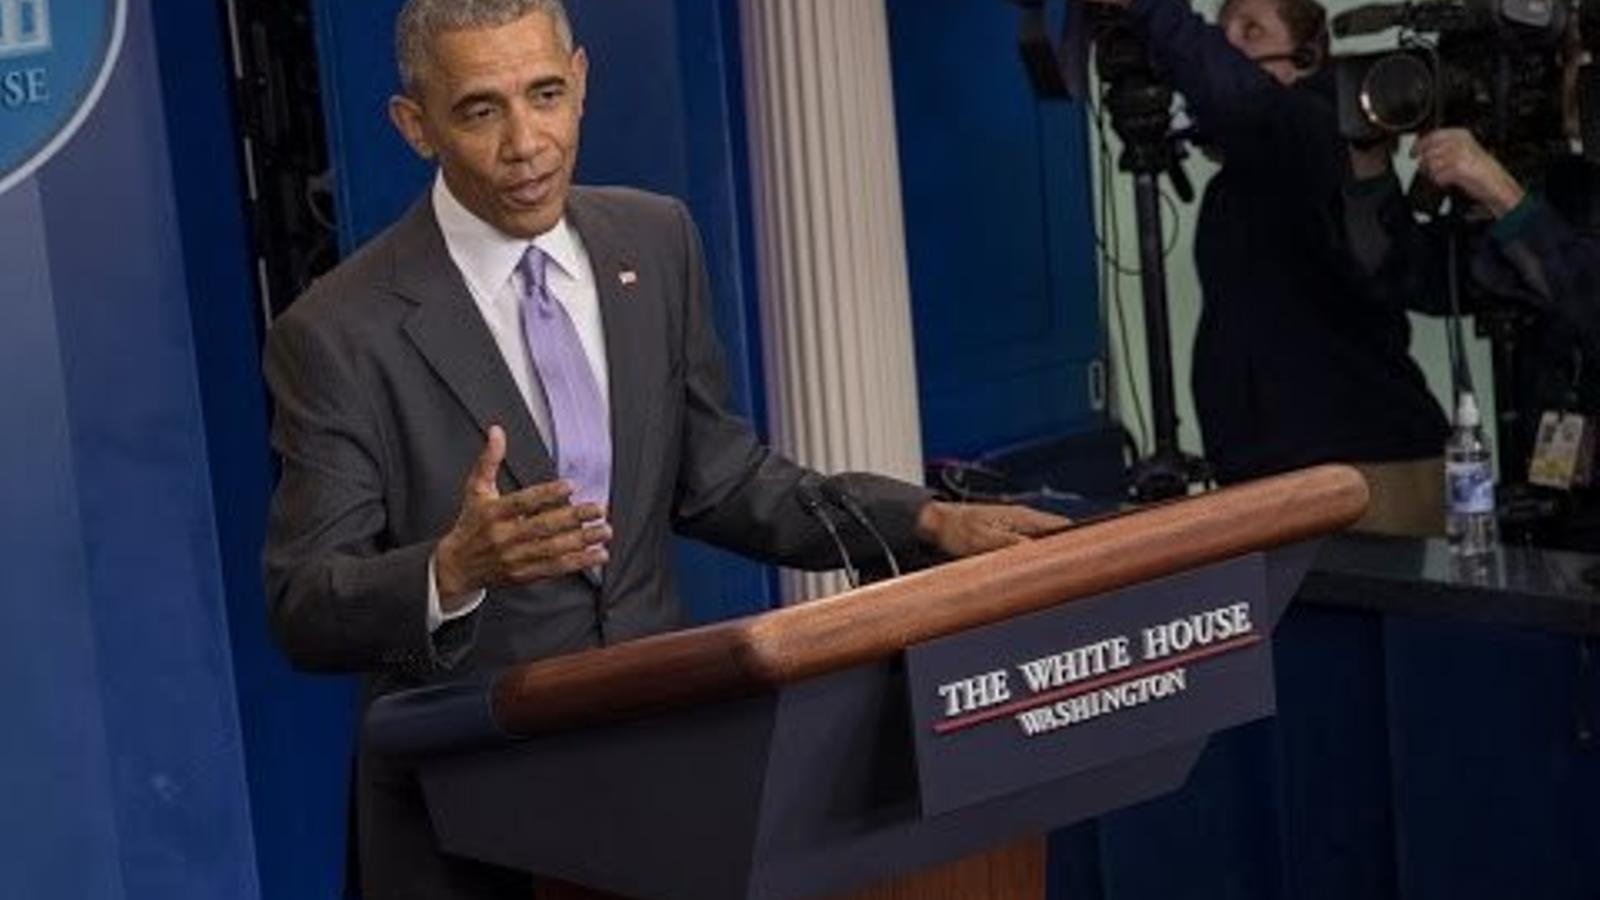 Última roda de premsa d'Obama com a president dels EUA